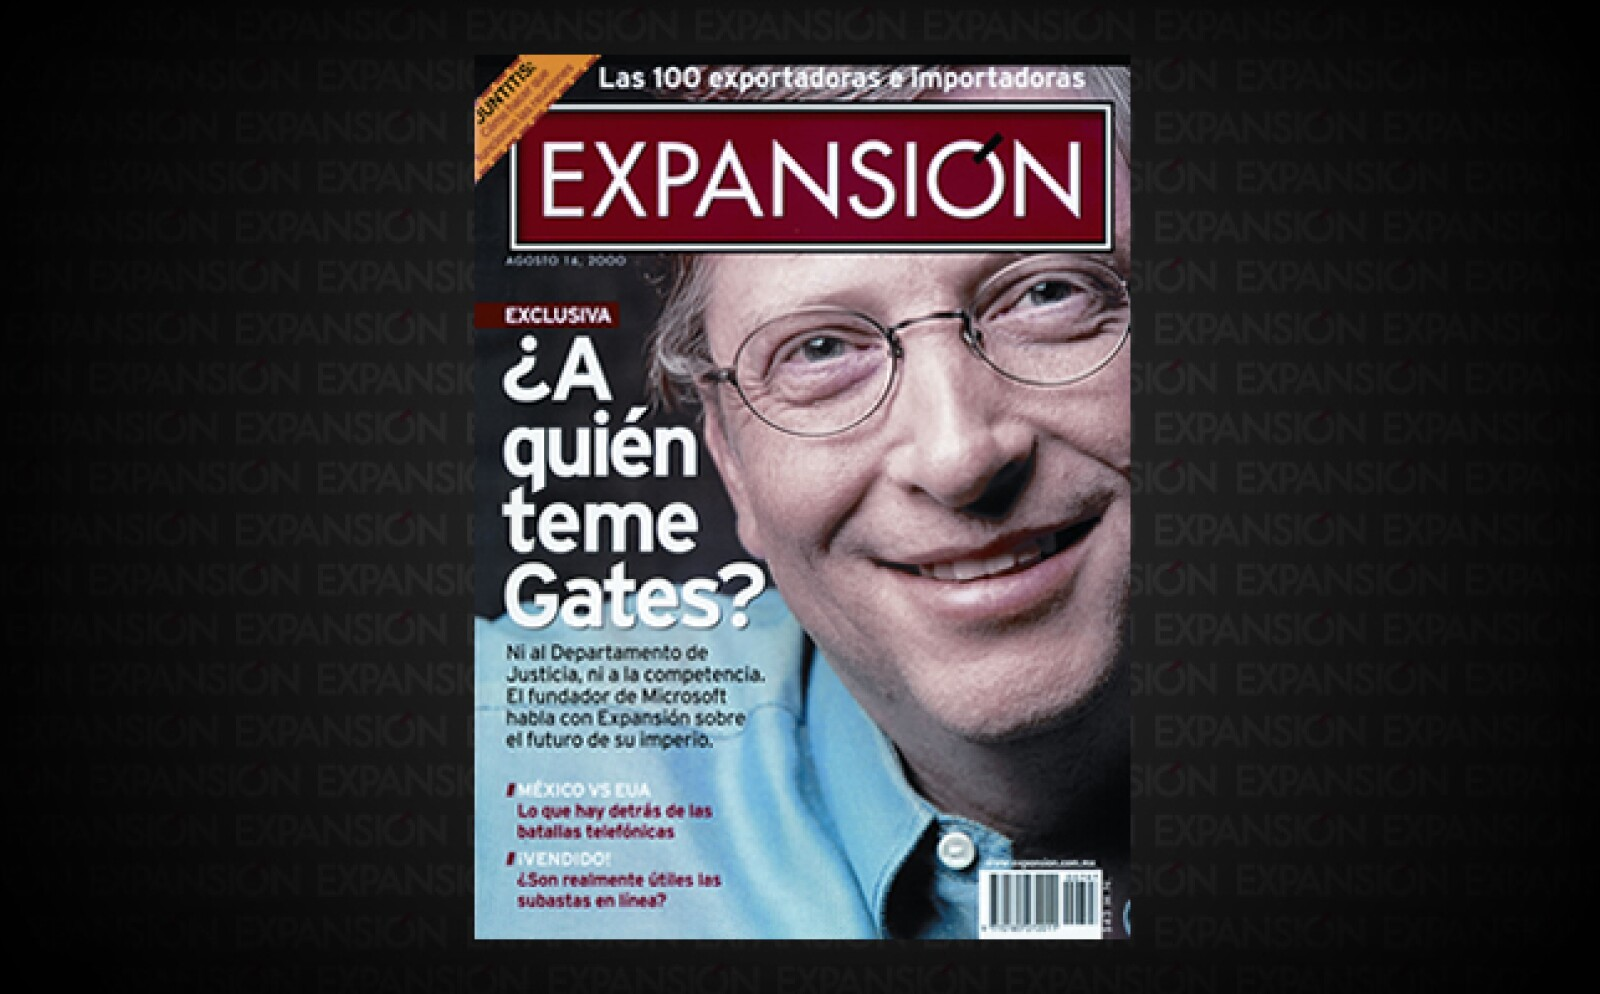 Bill Gates habla en exclusiva con la revista sobre la innovación en Microsoft. En ese momento se encontraba en el ojo del huracán, pues las demandas en su contra por prácticas monopólicas ya habían llegado a tribunales en Estados Unidos.